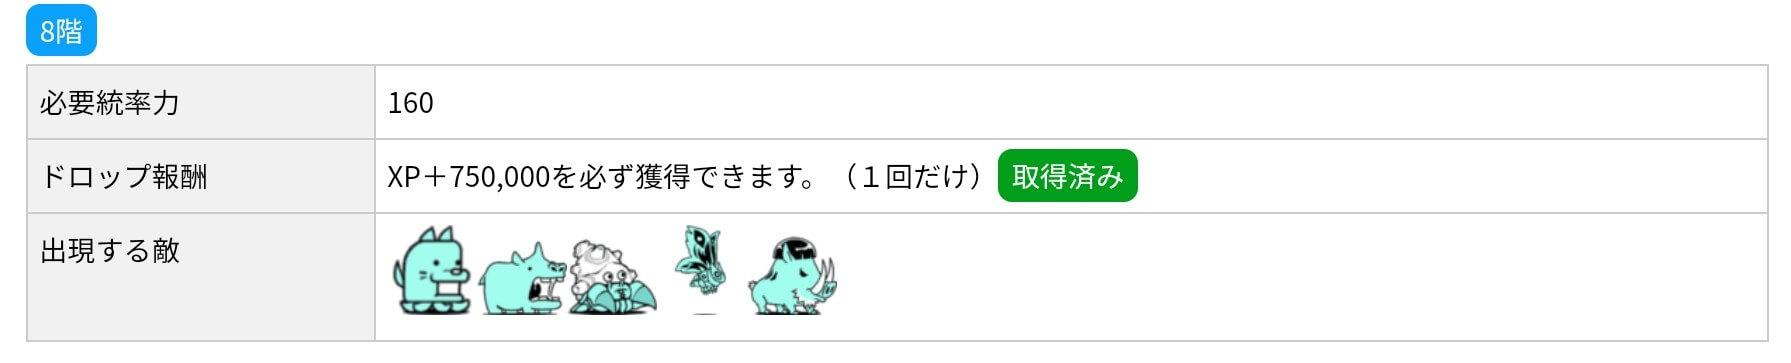 にゃんこ別塔(蒼)8階 敵編成